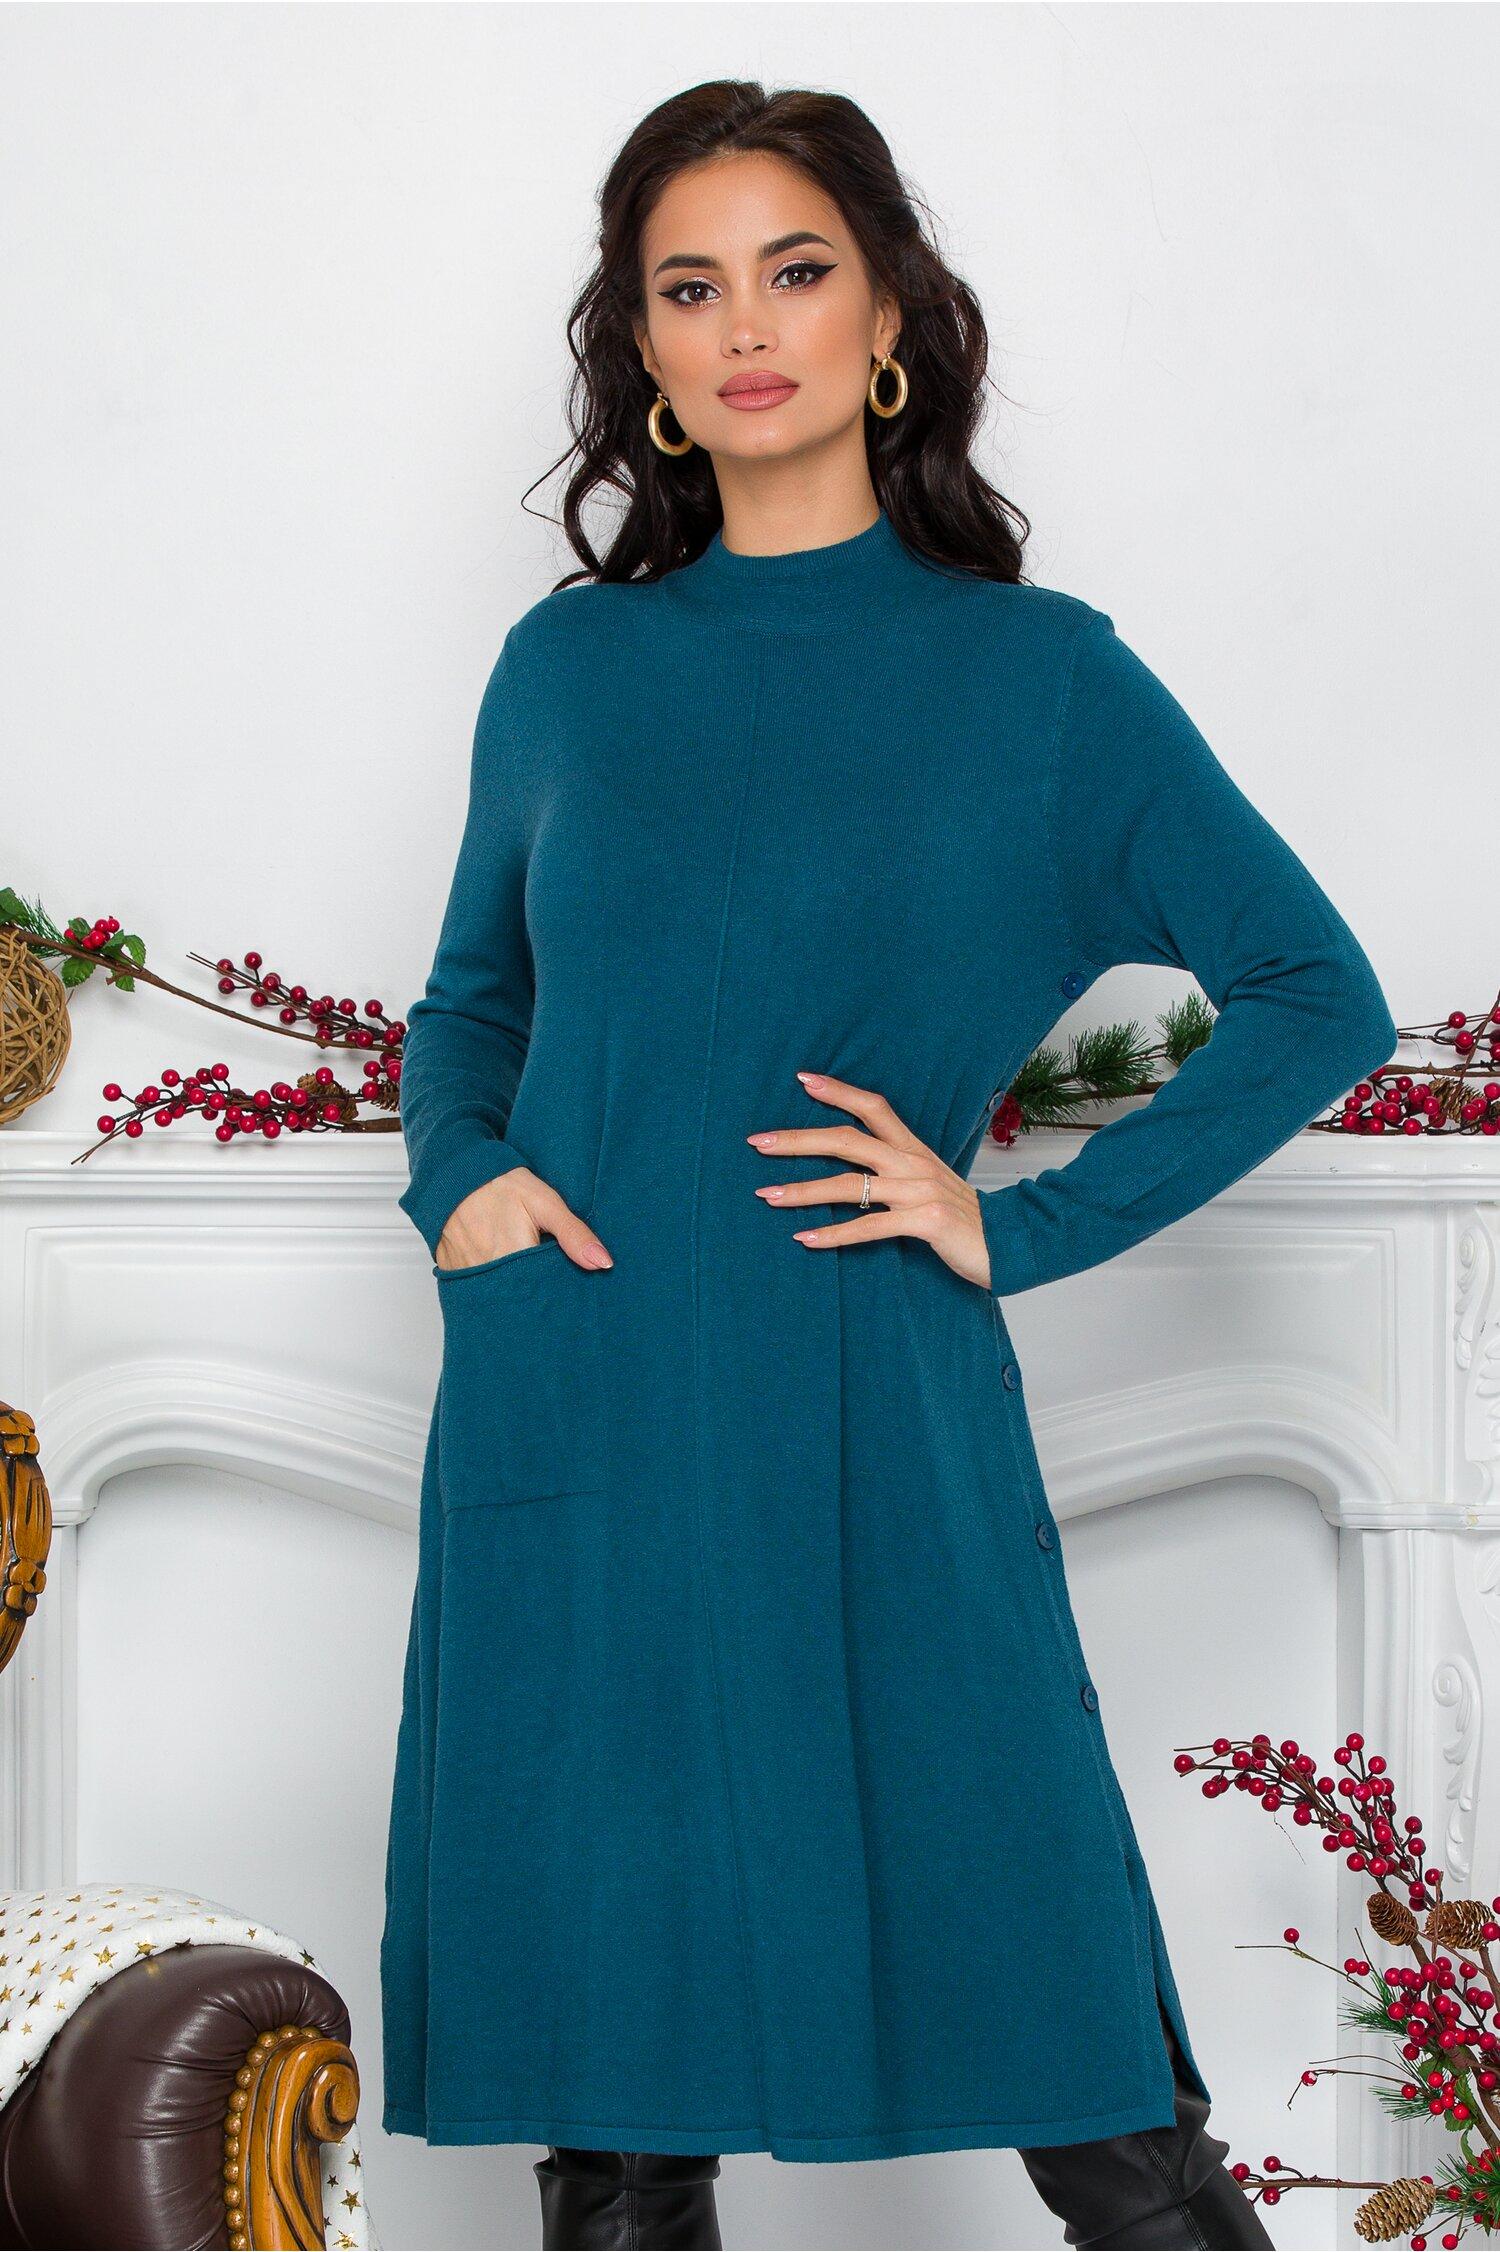 Rochie Feya turcoaz din tricot cu nasturi in lateral